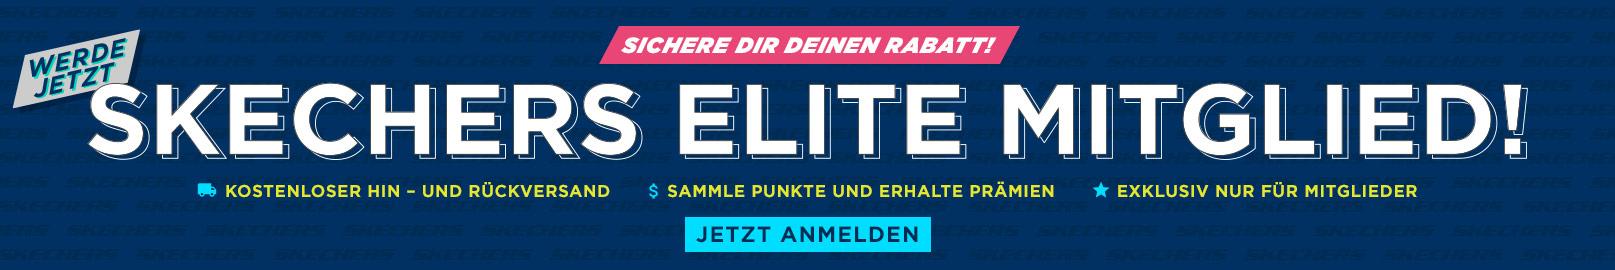 Werde jetzt Skechers Elite Mitglied